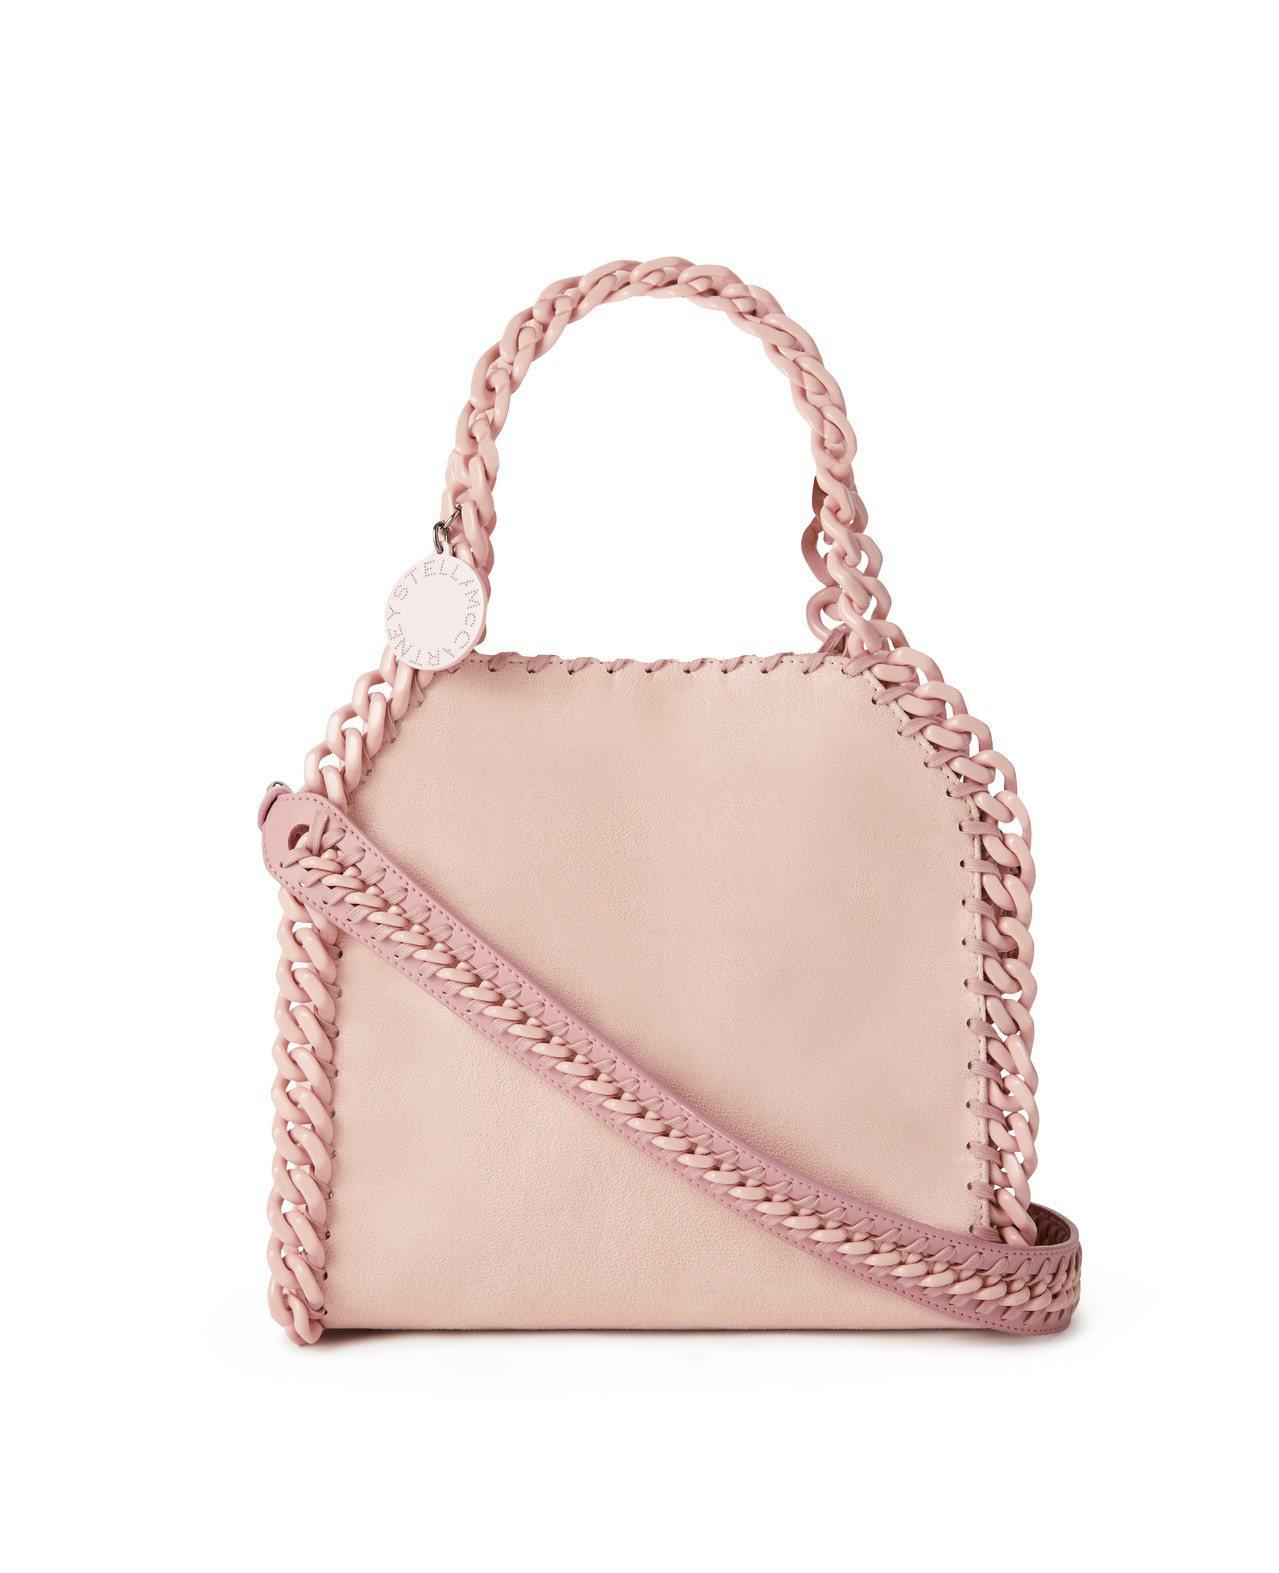 經典FALABELLA CANDY粉紅迷你包,34,900元。圖/Stella ...